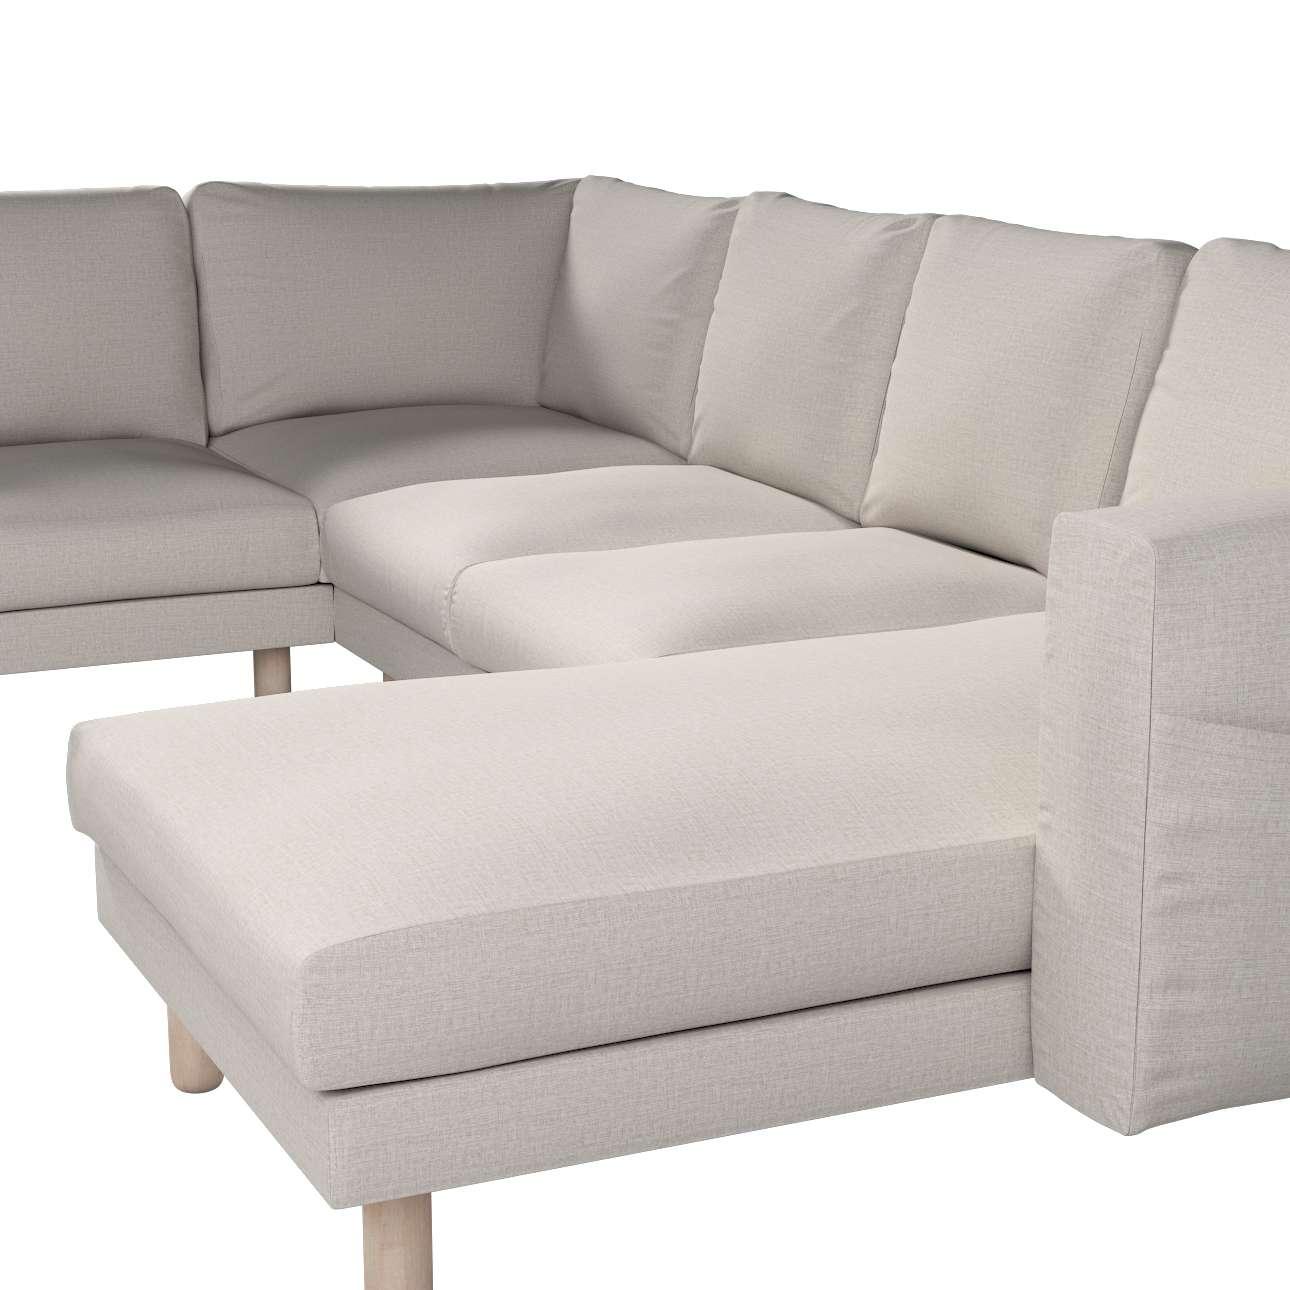 Pokrowiec na sofę narożną Norsborg 5-osobową z szezlongiem w kolekcji Living, tkanina: 161-00